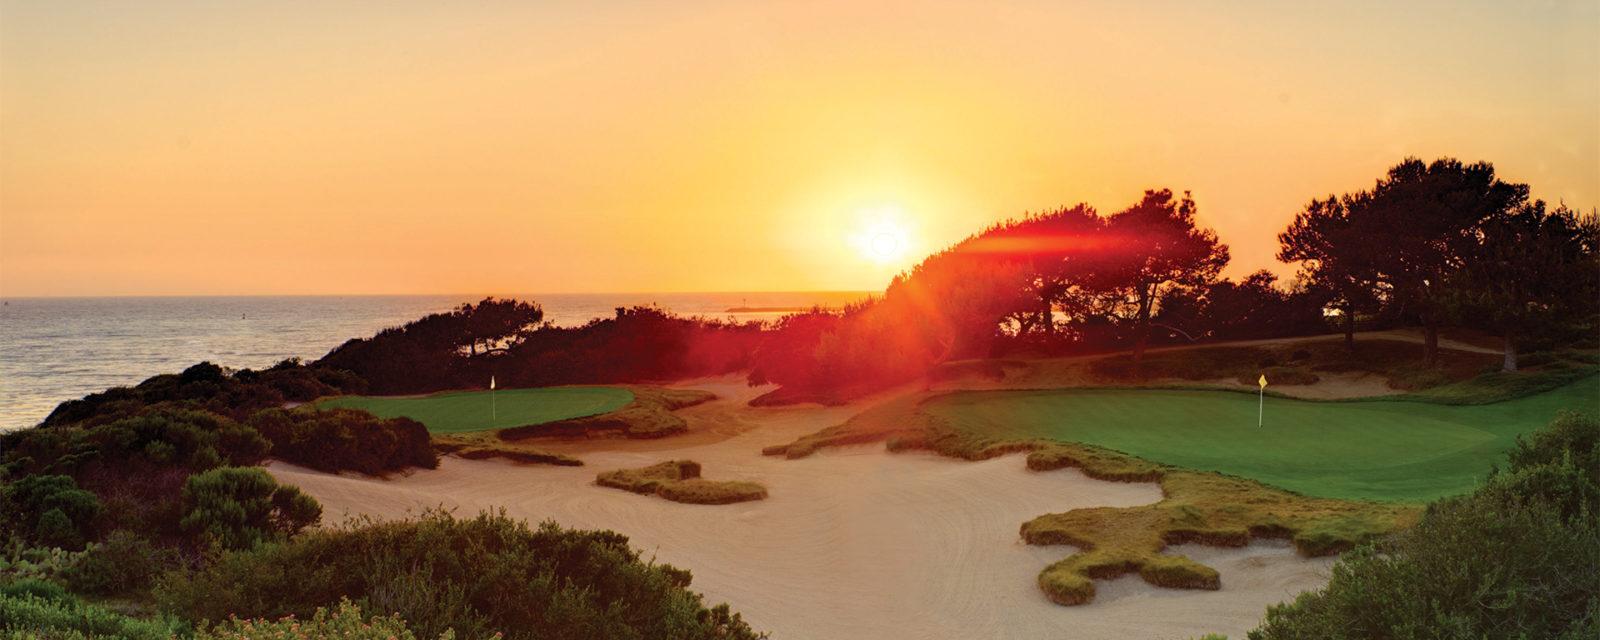 Pelican Hill Golf Course Sunset